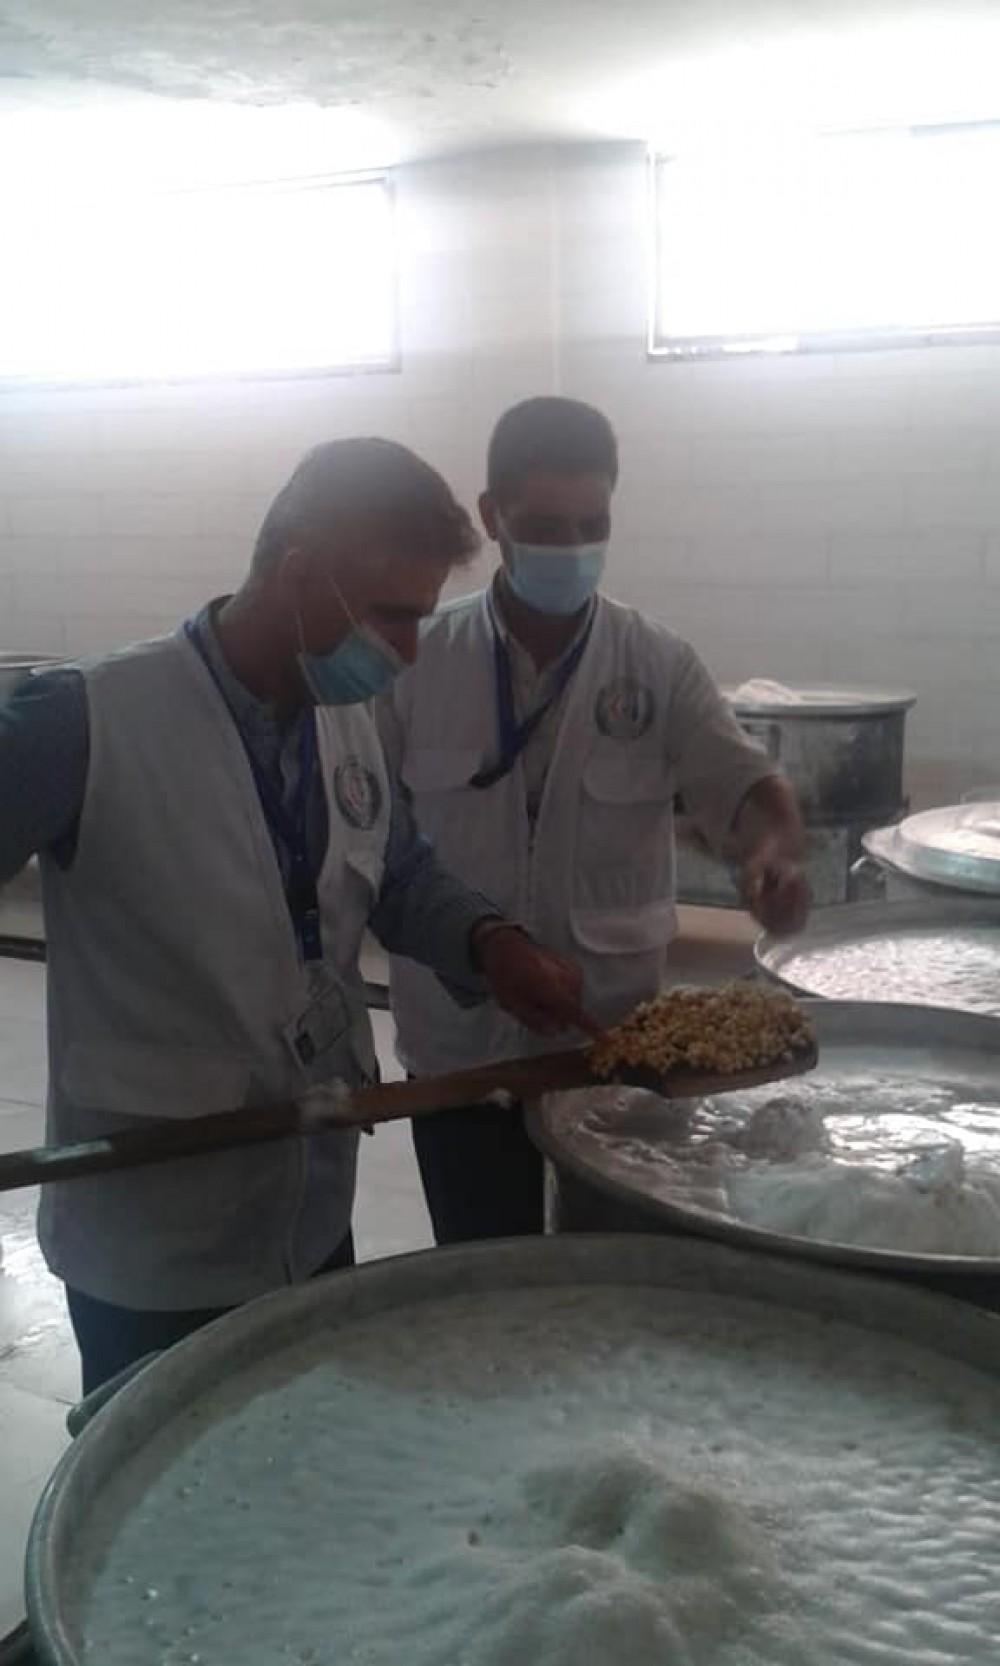 الطب الوقائي بالوسطى يتلف 48 كيلو جرام مواد غذائية منتهية الصلاحية